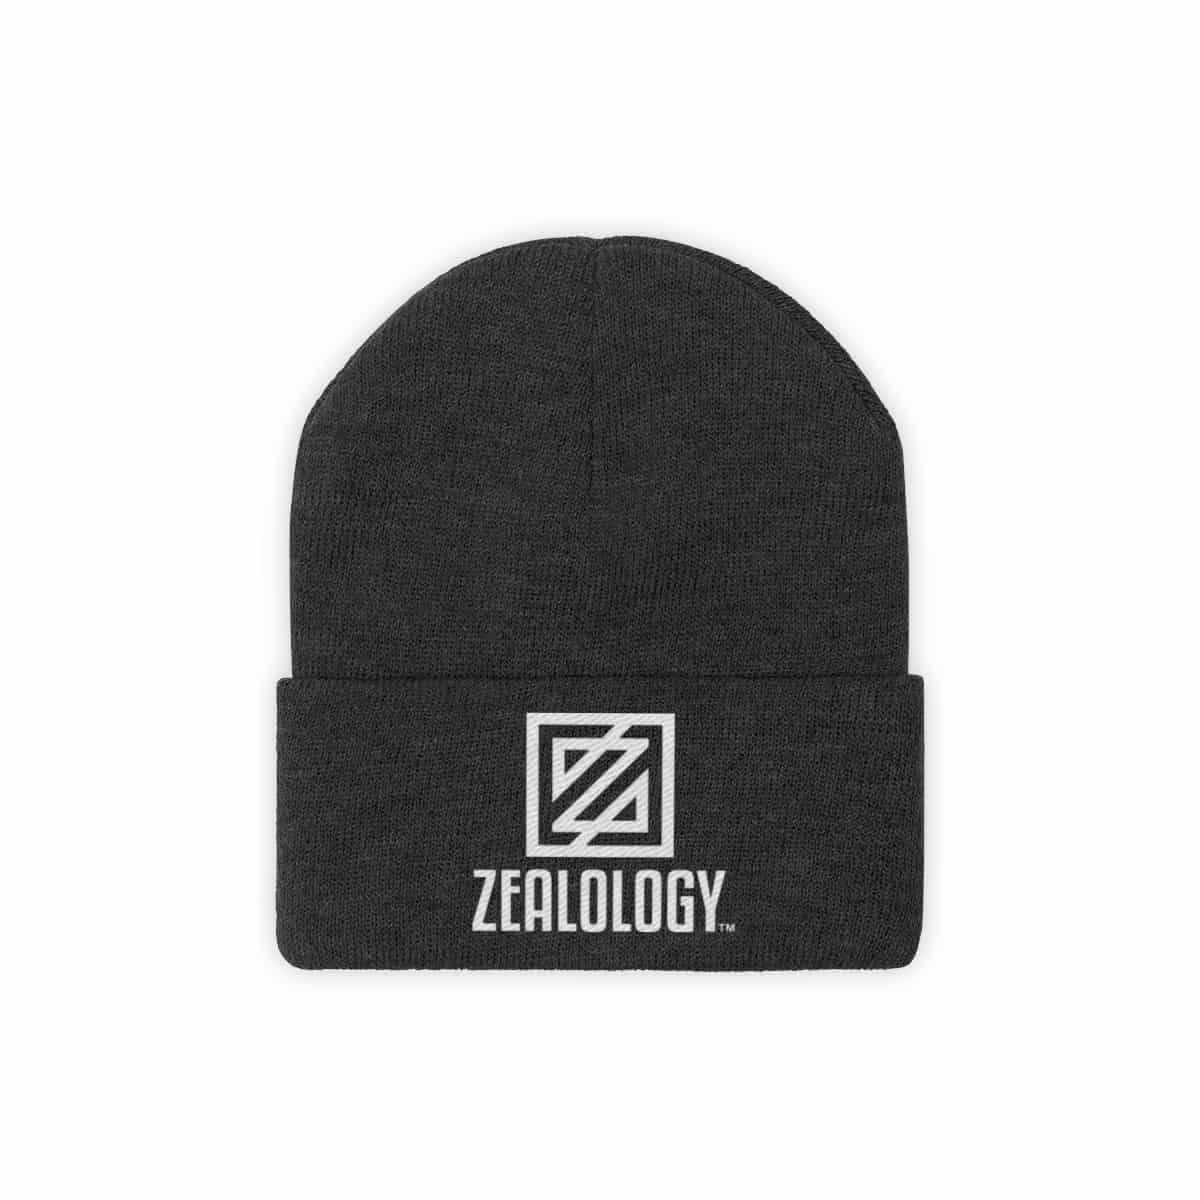 Zealology